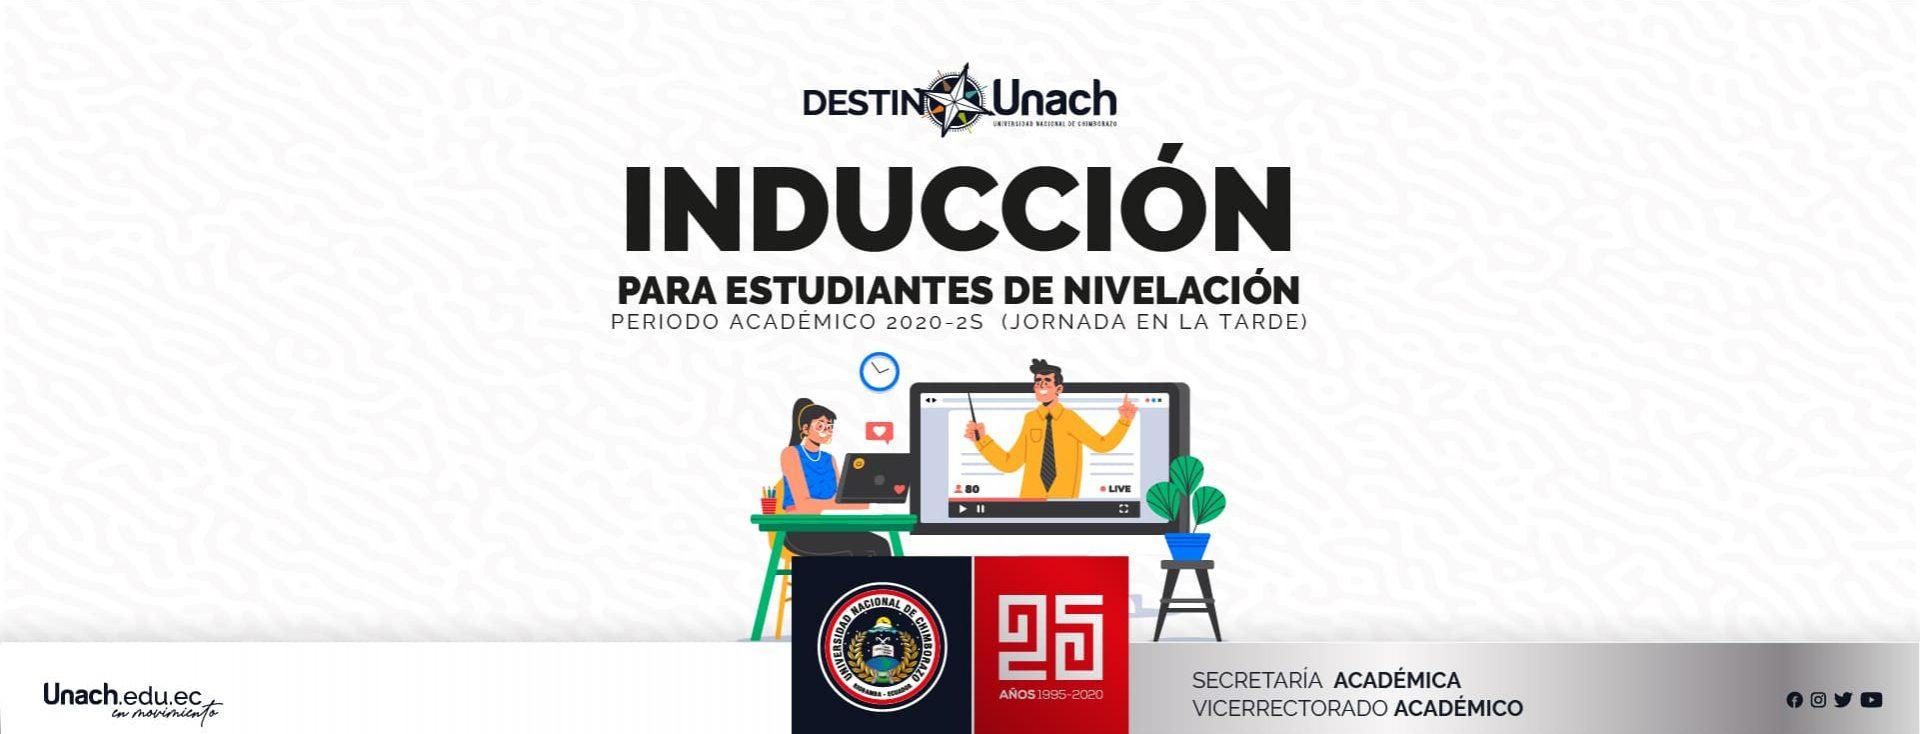 INDUCCIÓN PARA ESTUDIANTES DE NIVELACIÓN PERIODO ACADÉMICO 2020-2S